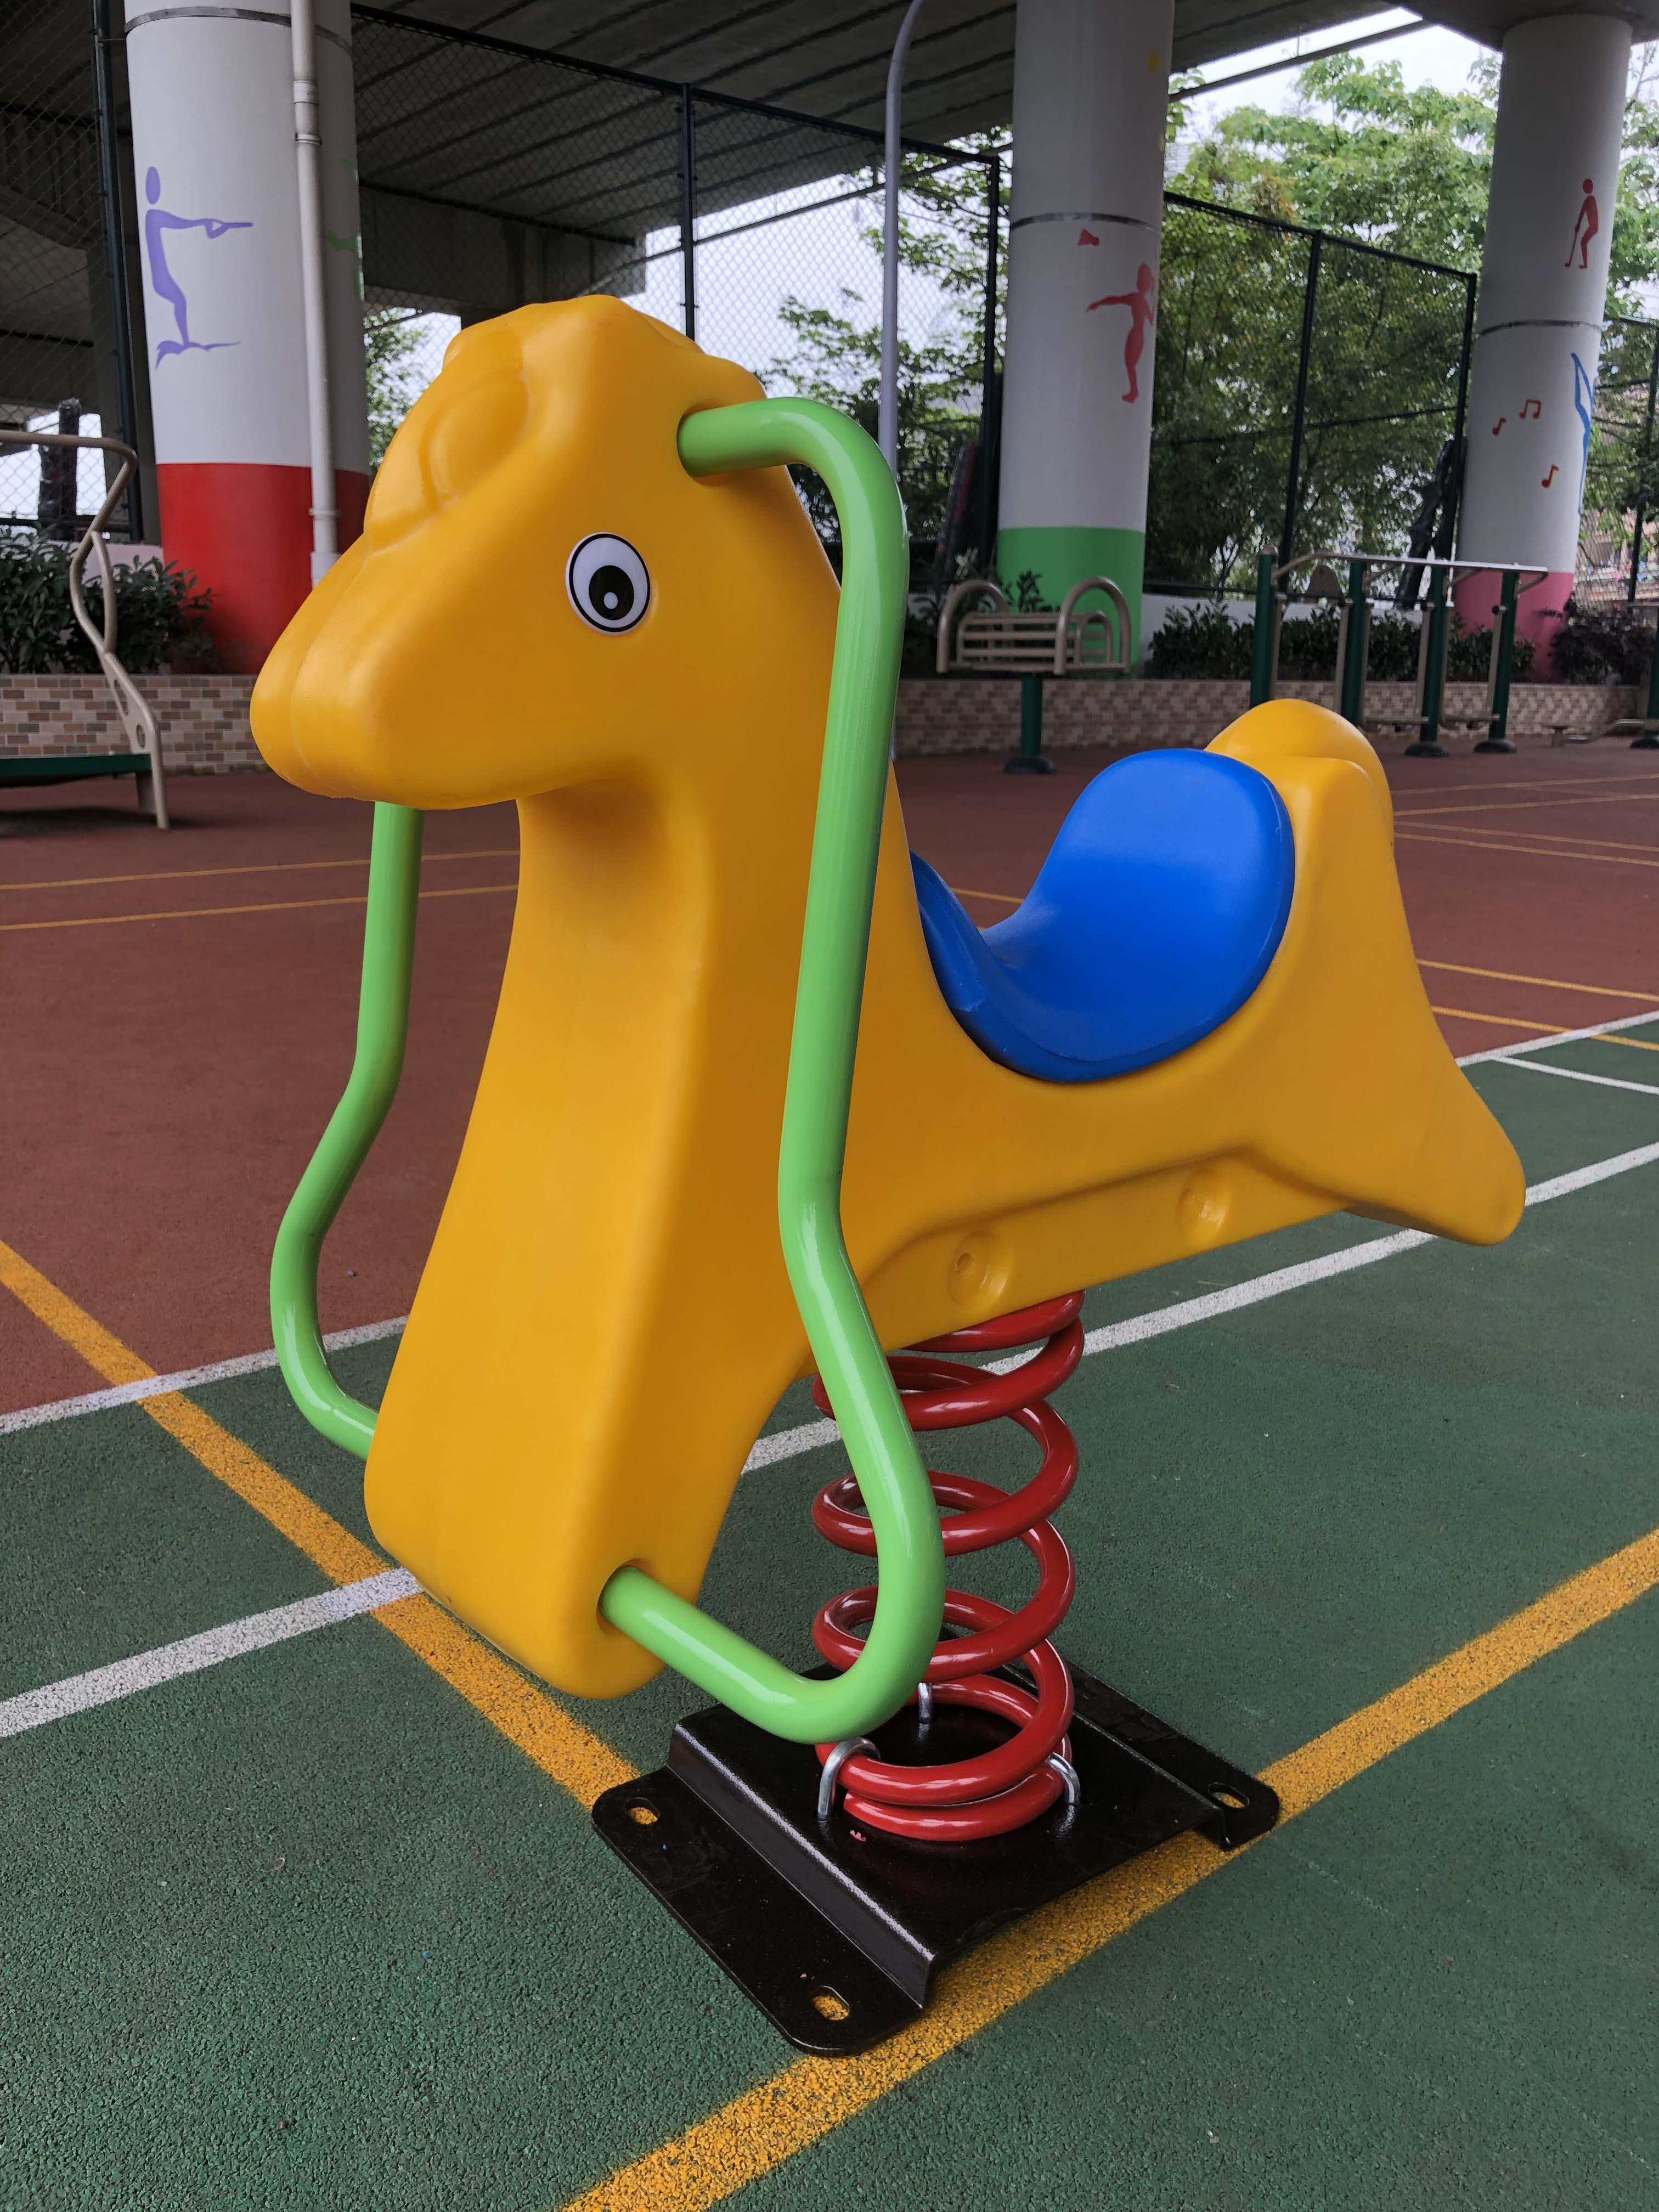 Passeio em brinquedos cavalo crianças cavalo brinquedos para crianças de balanço cavalo equitação brinquedos saltando brinquedo animal hobby ao ar livre playground funil y04